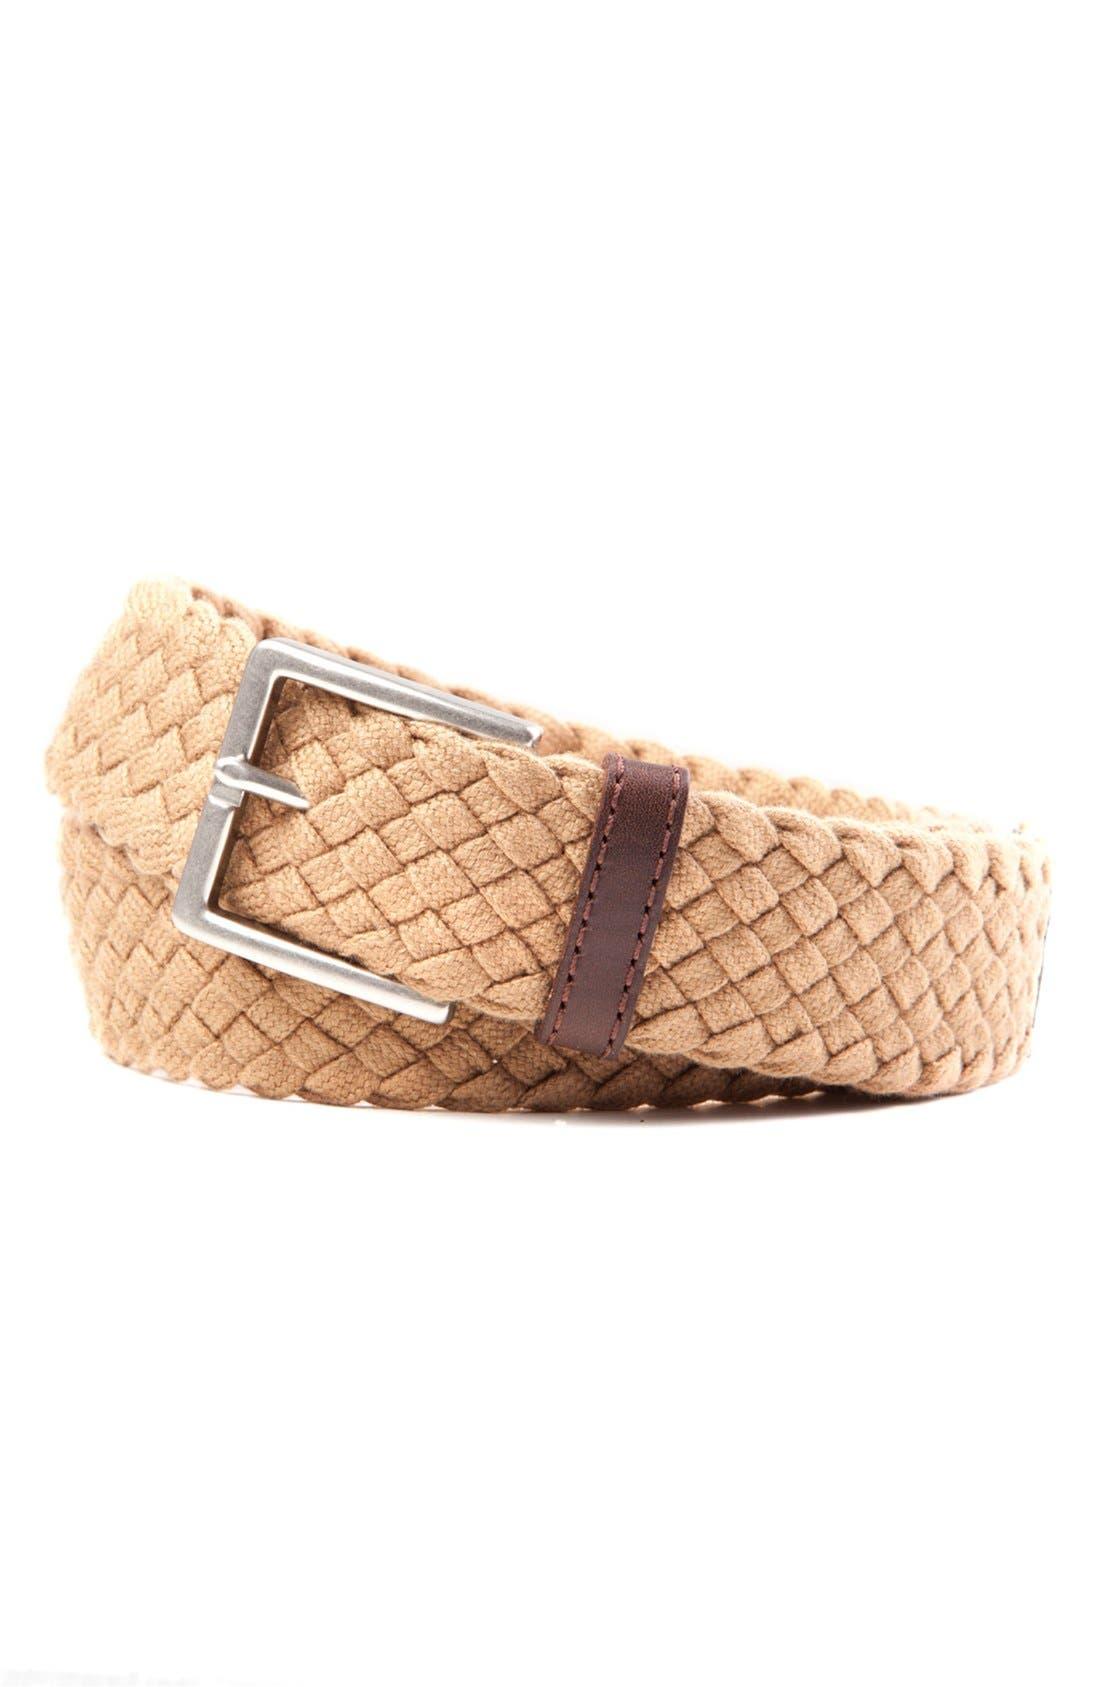 Main Image - Tommy Bahama Braided Cotton Belt